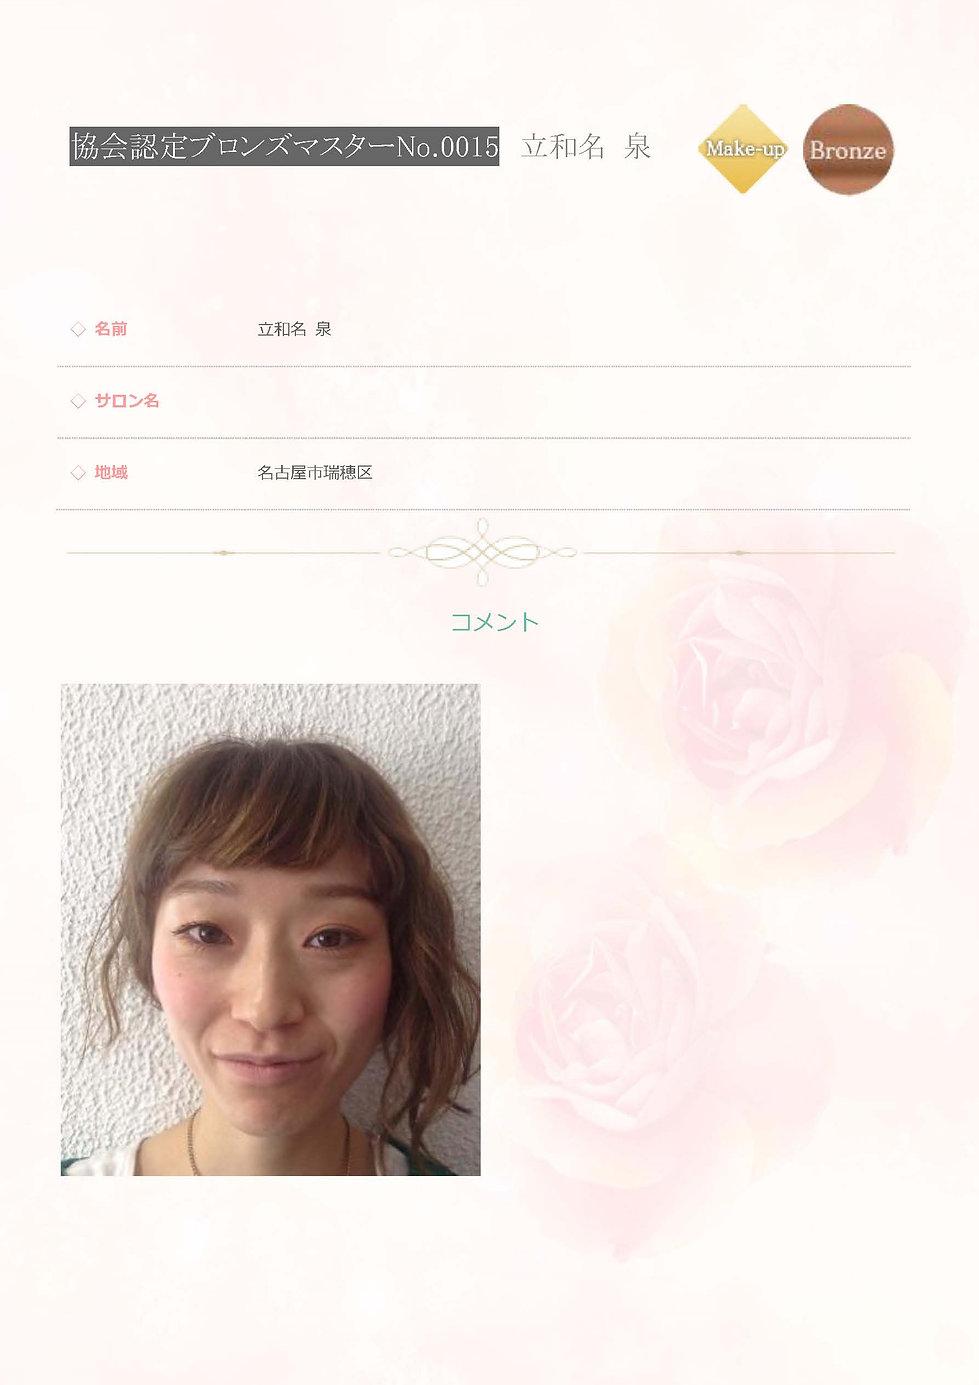 立和名泉 0015 認定ブロンズマスター メイク 愛知県 名古屋市 瑞穂区